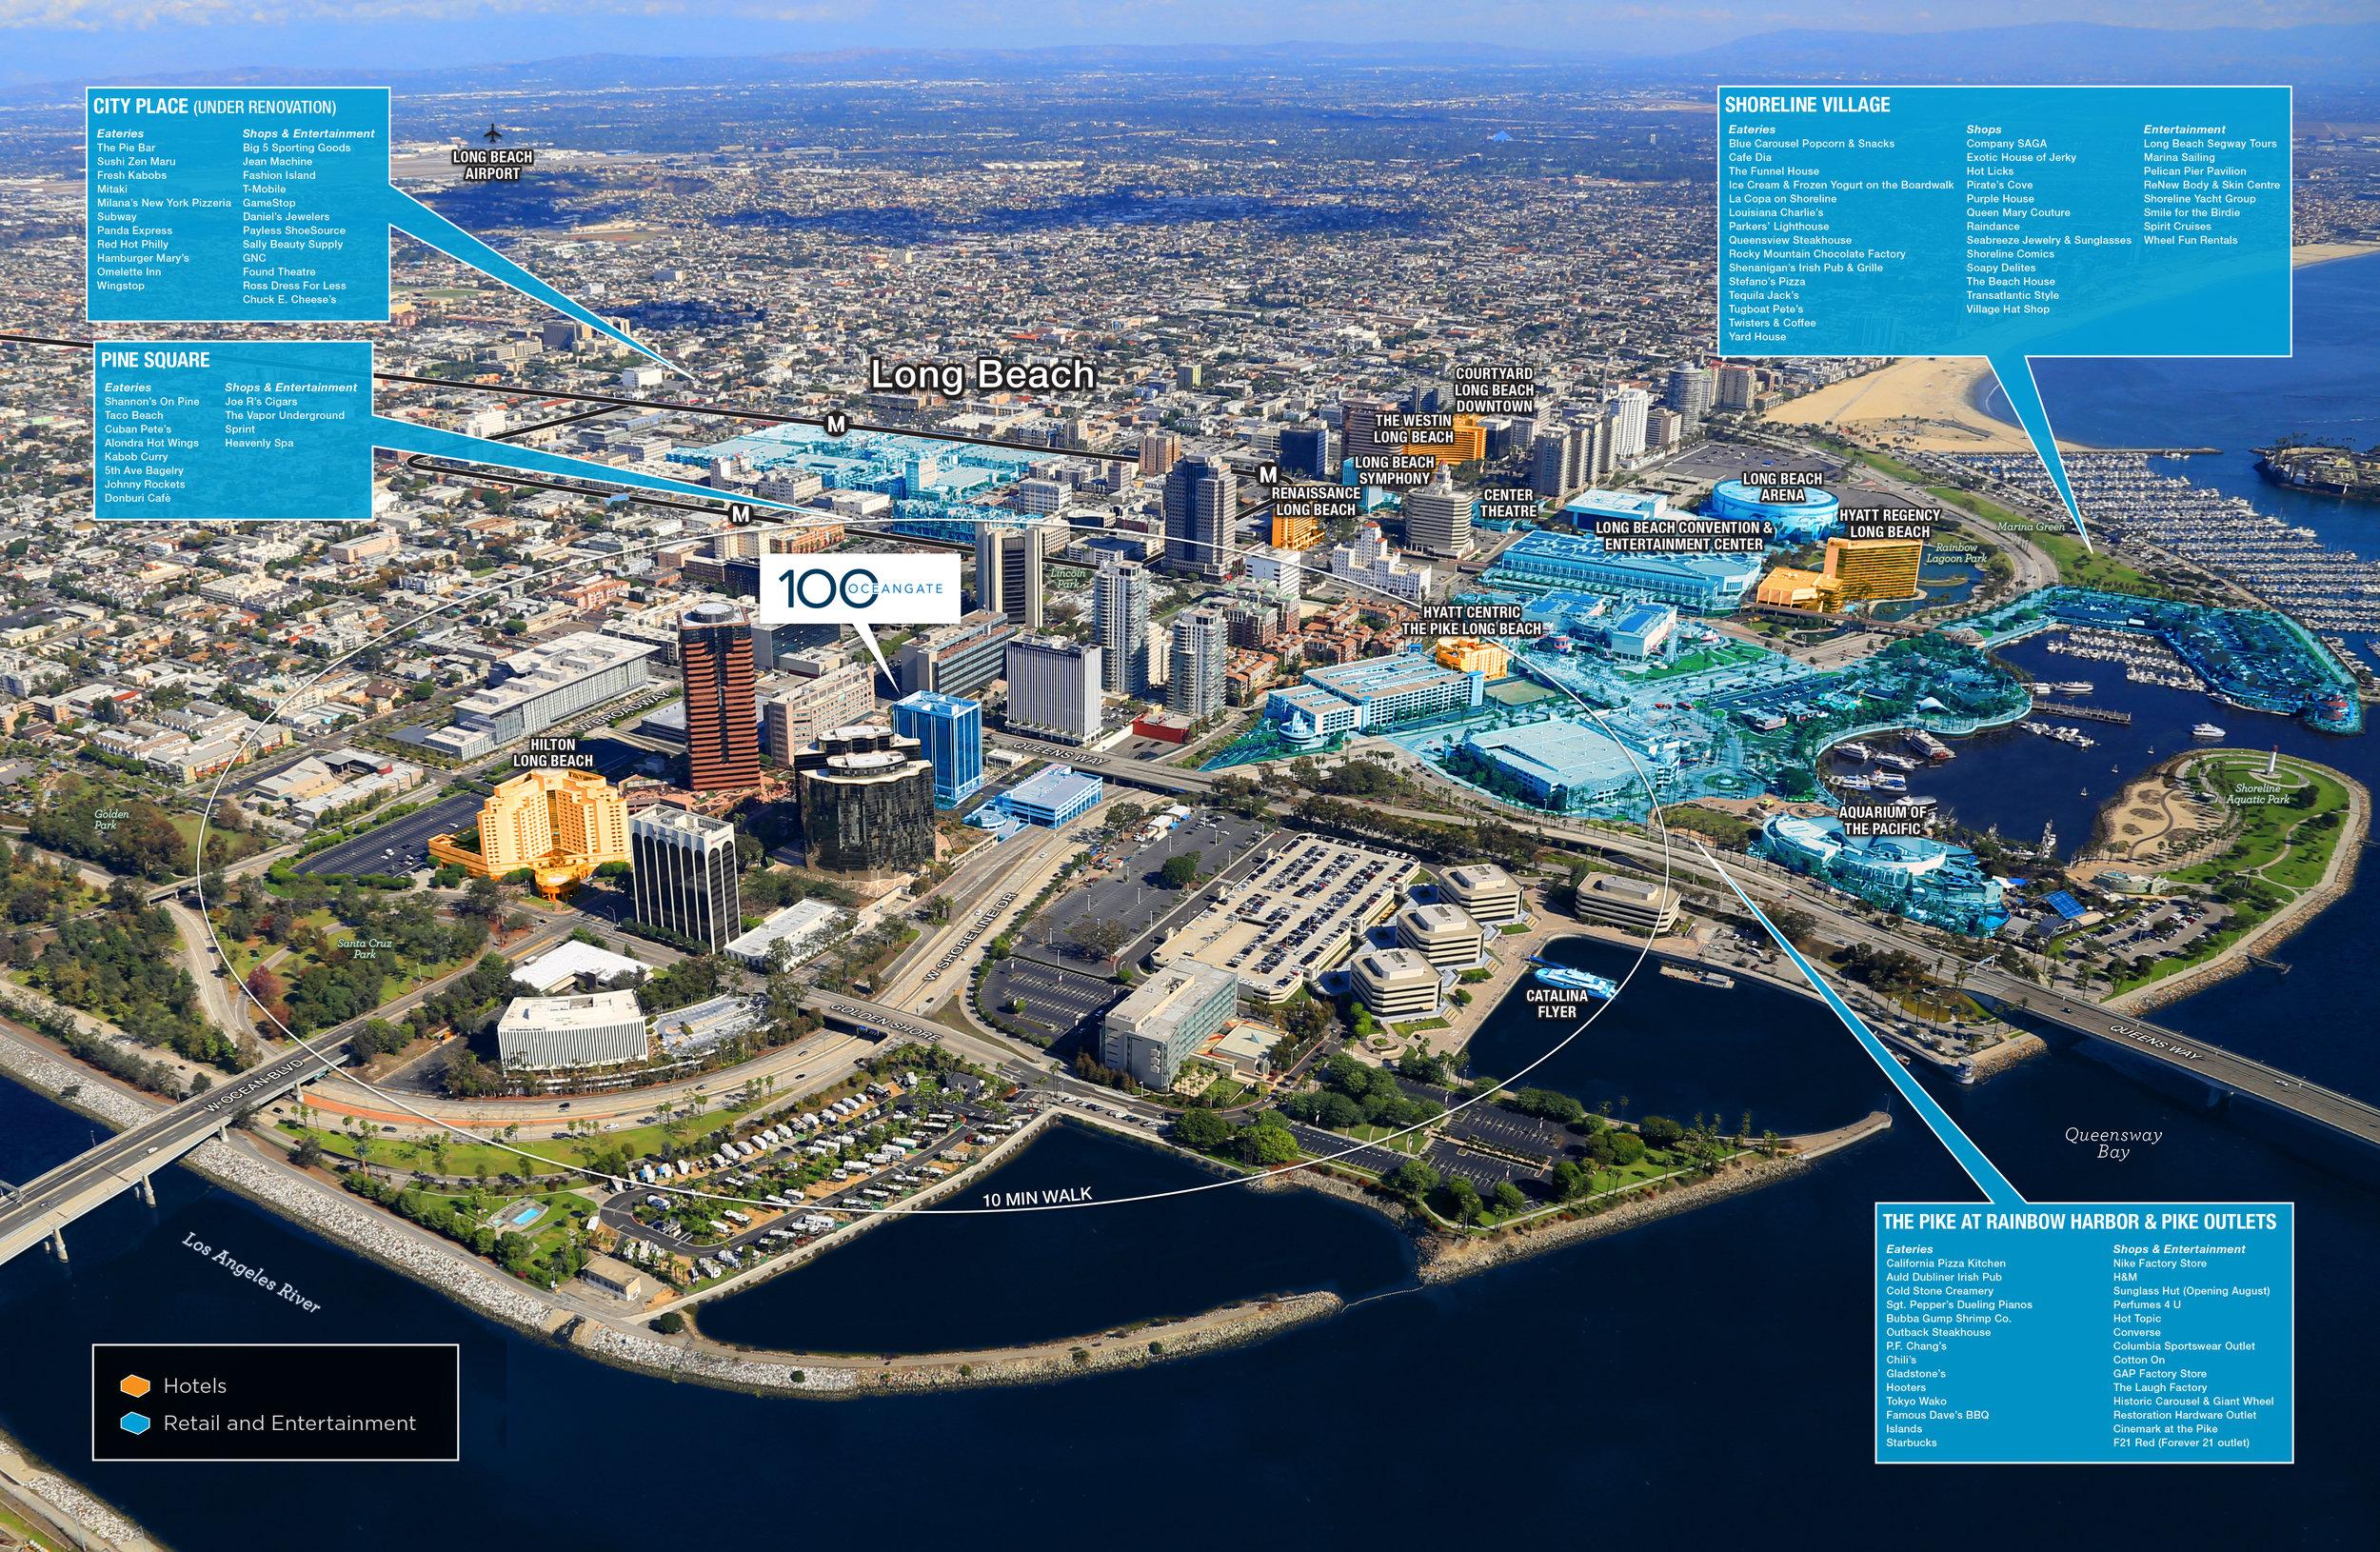 Long Beach.jpg